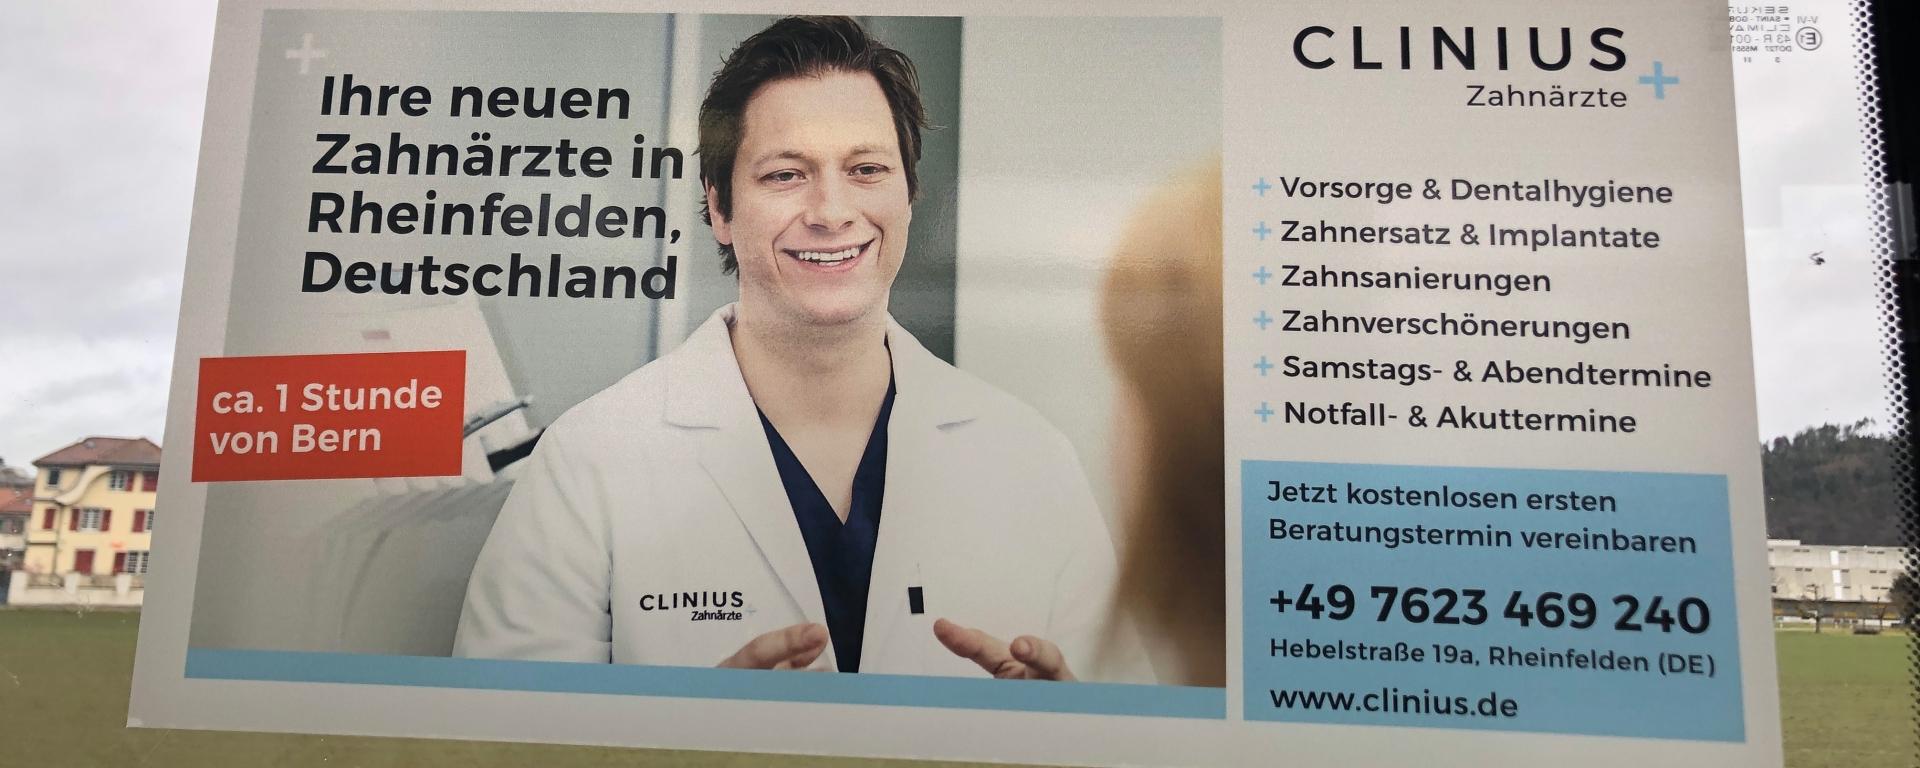 Anunci d'una consulta odontològica a Alemanya, a l'interior d'un tramvia a Berna